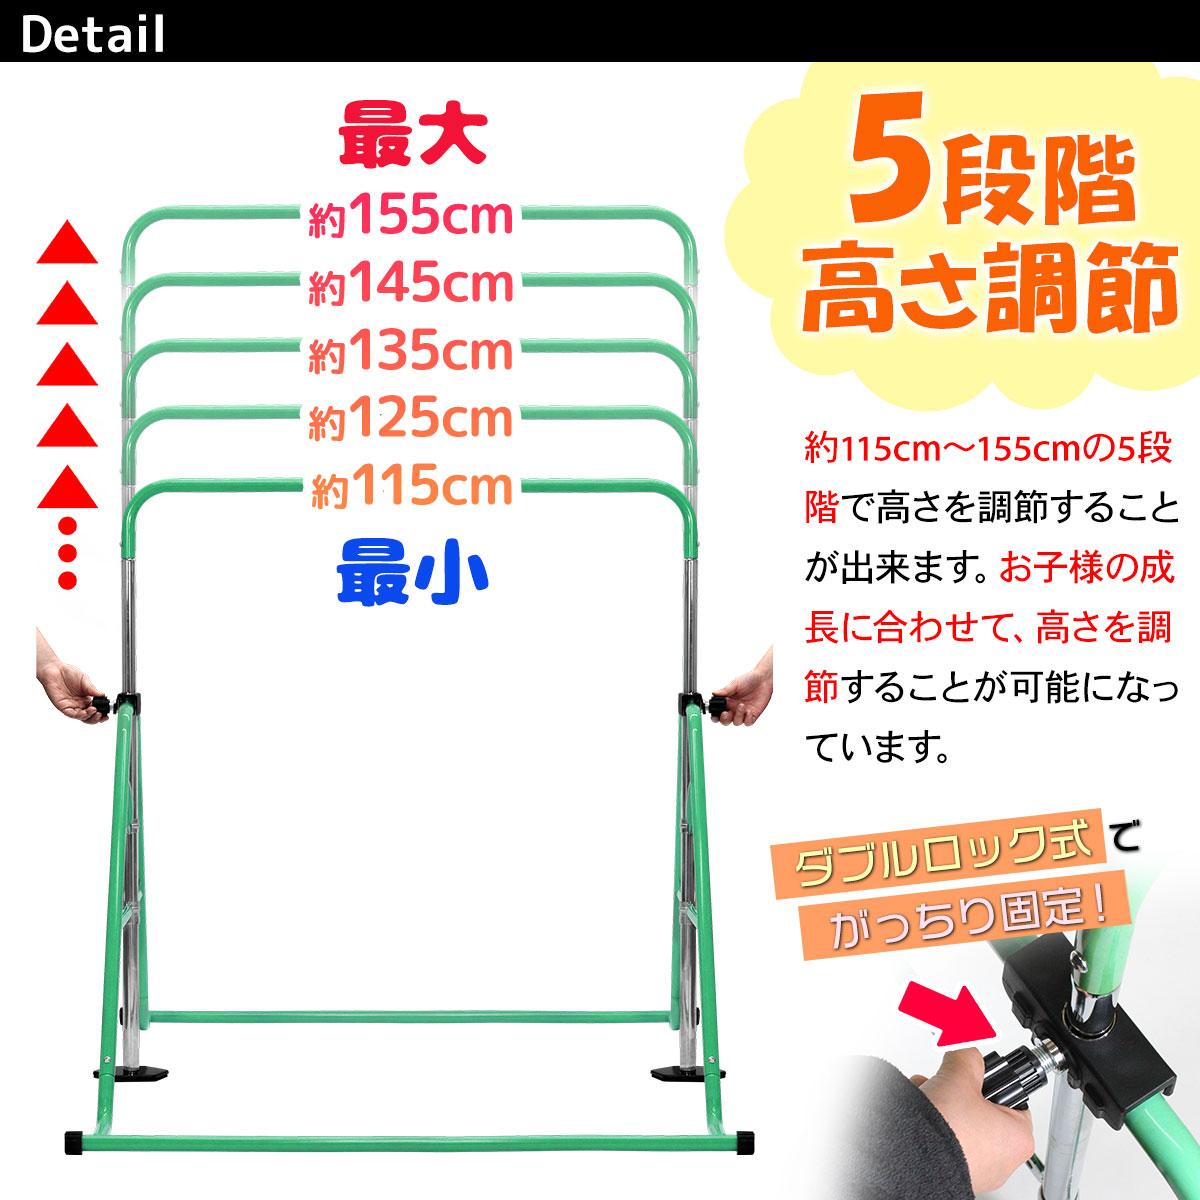 鉄棒 室内 子供 折りたたみ 家庭用 高さ調節 耐荷重80kg MK-501B